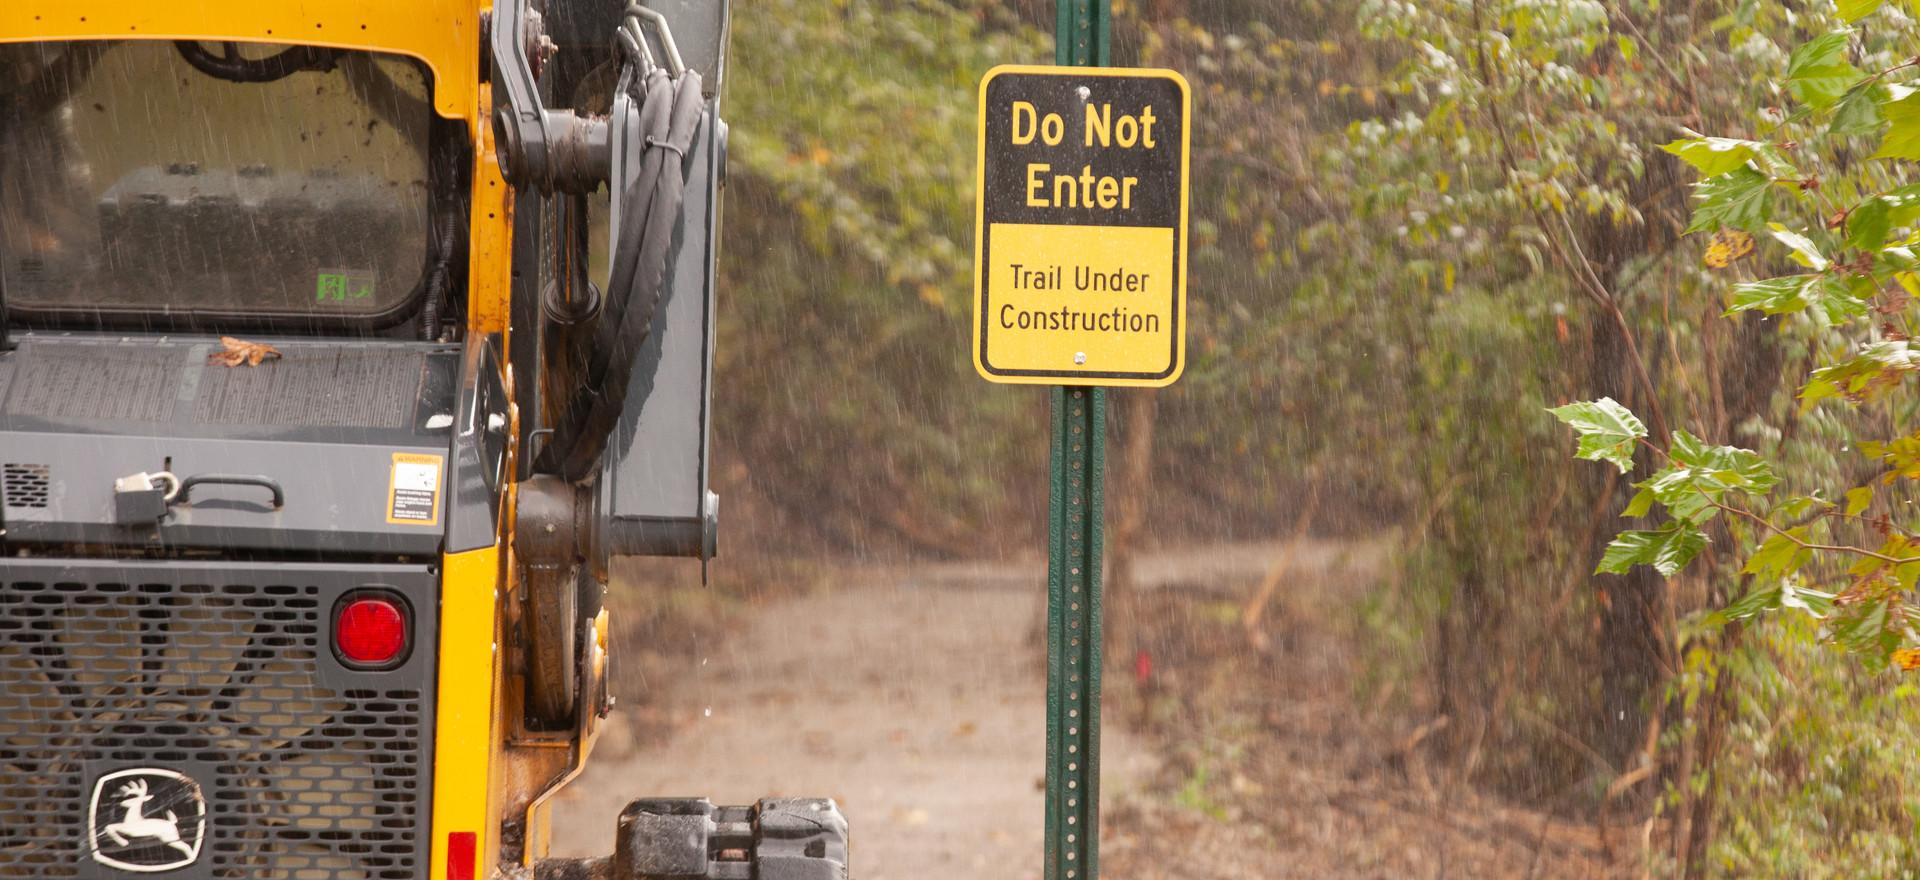 ADA Trail Underway